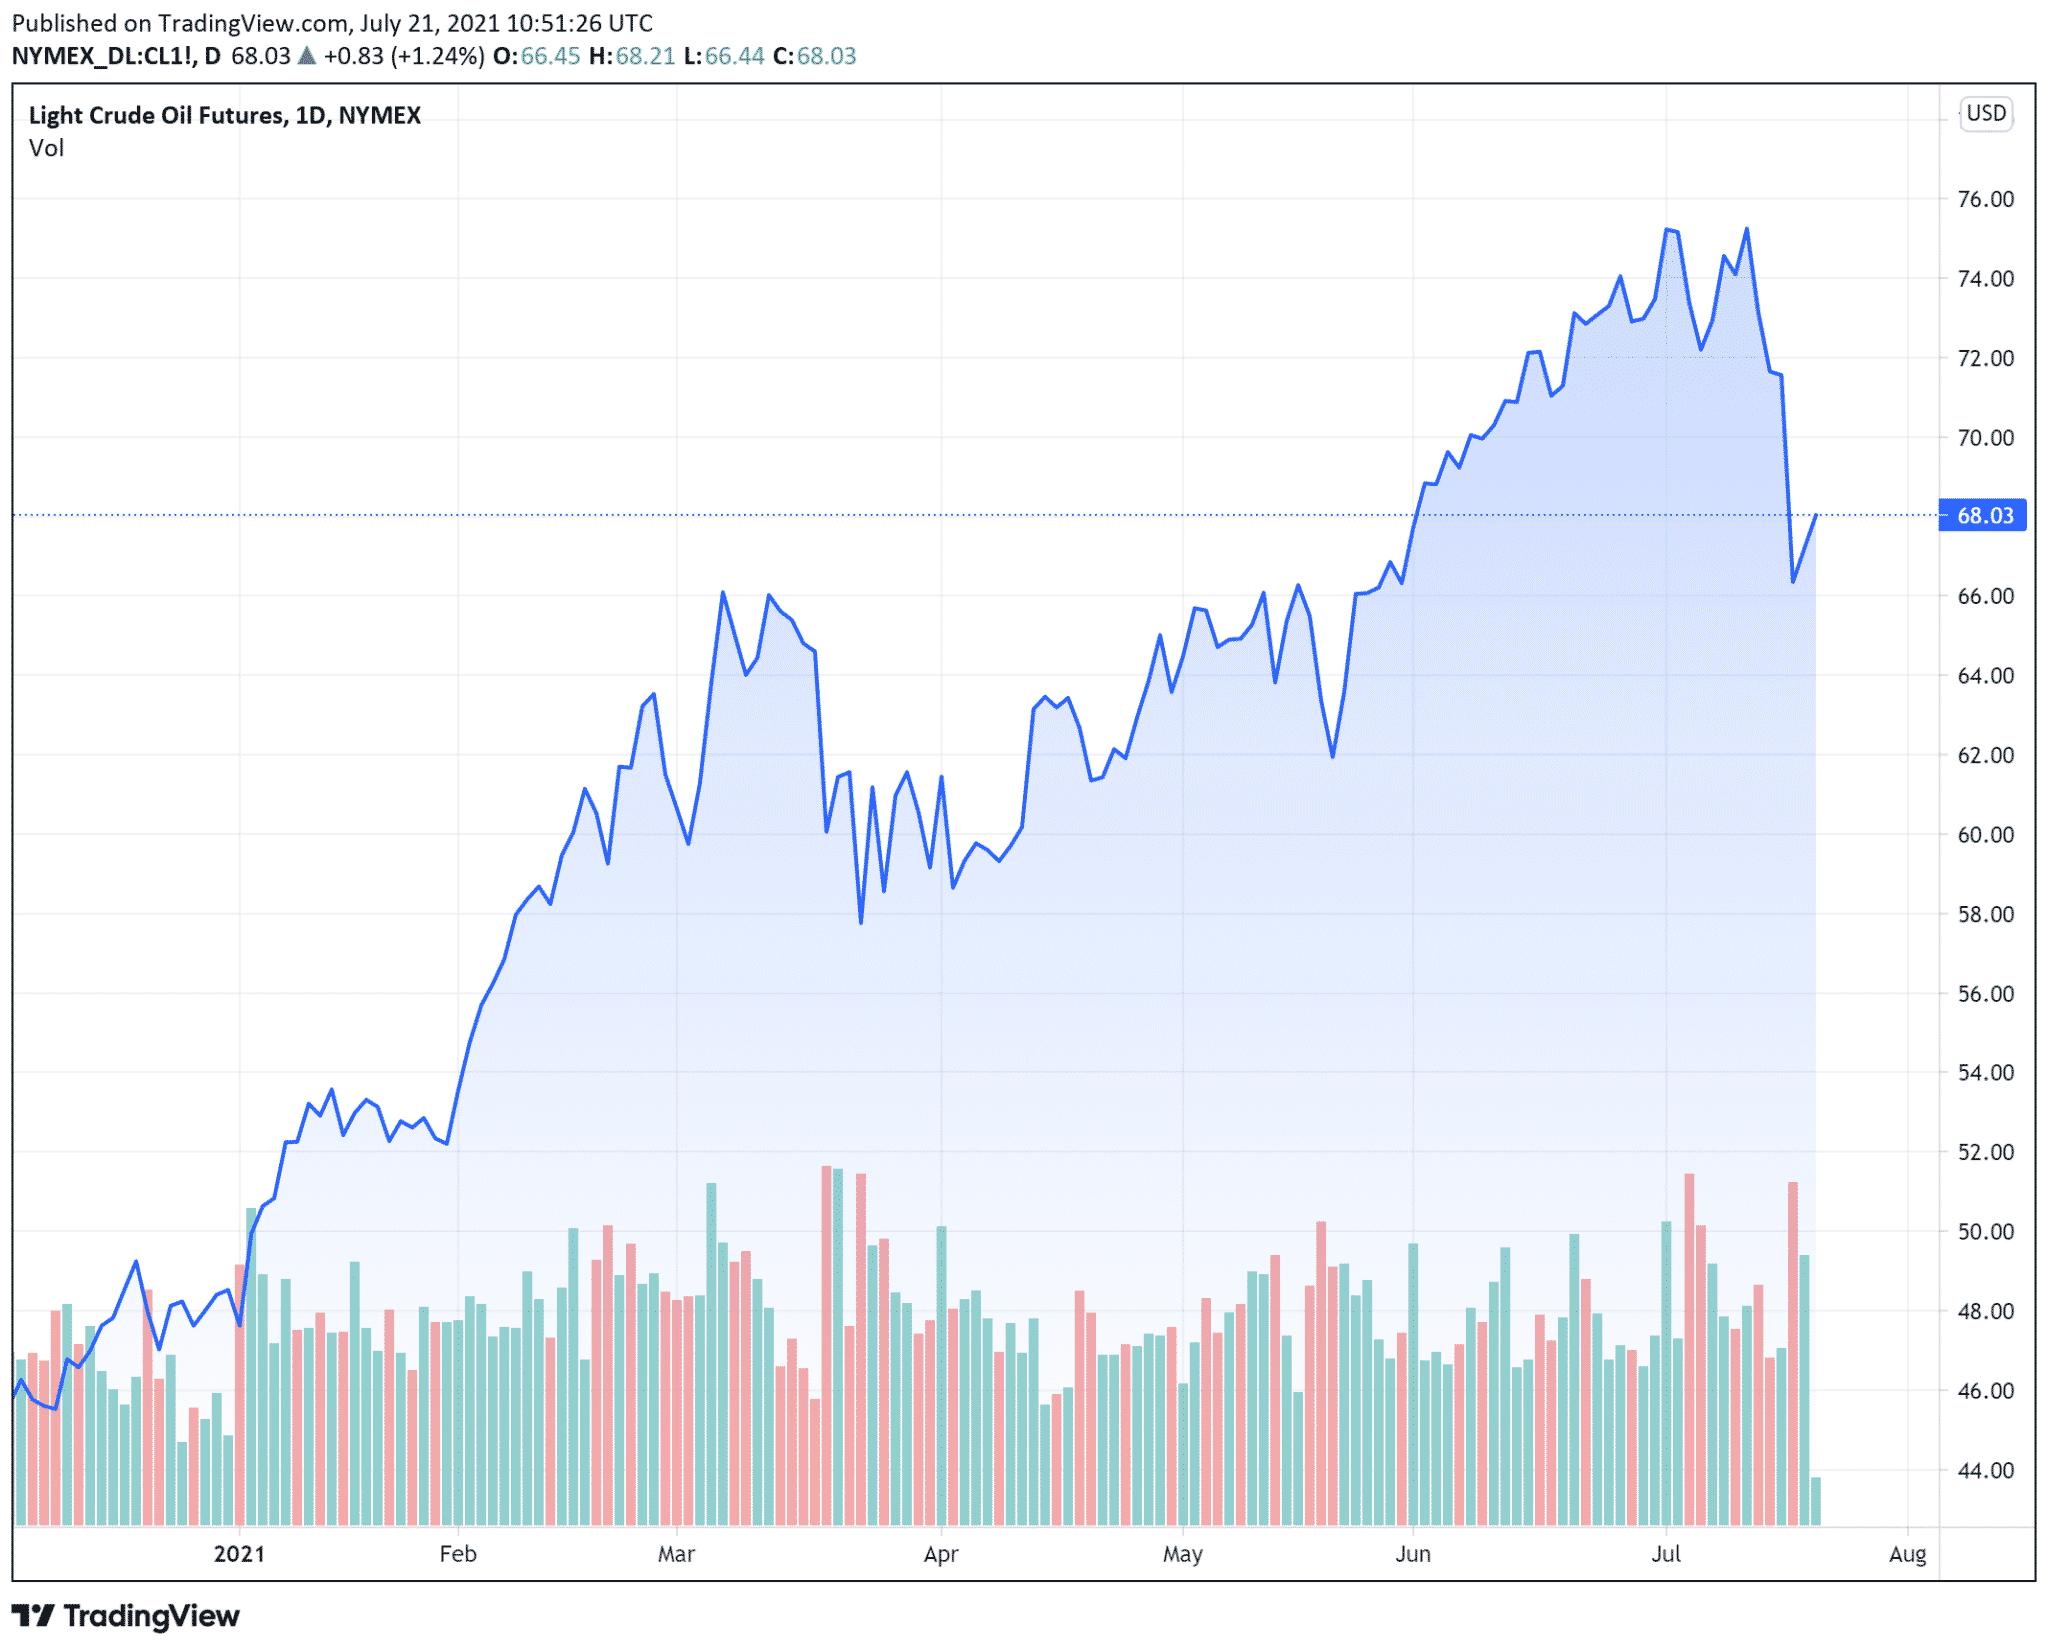 cours petrole wti (baril en $) mercredi 21 juillet 2021